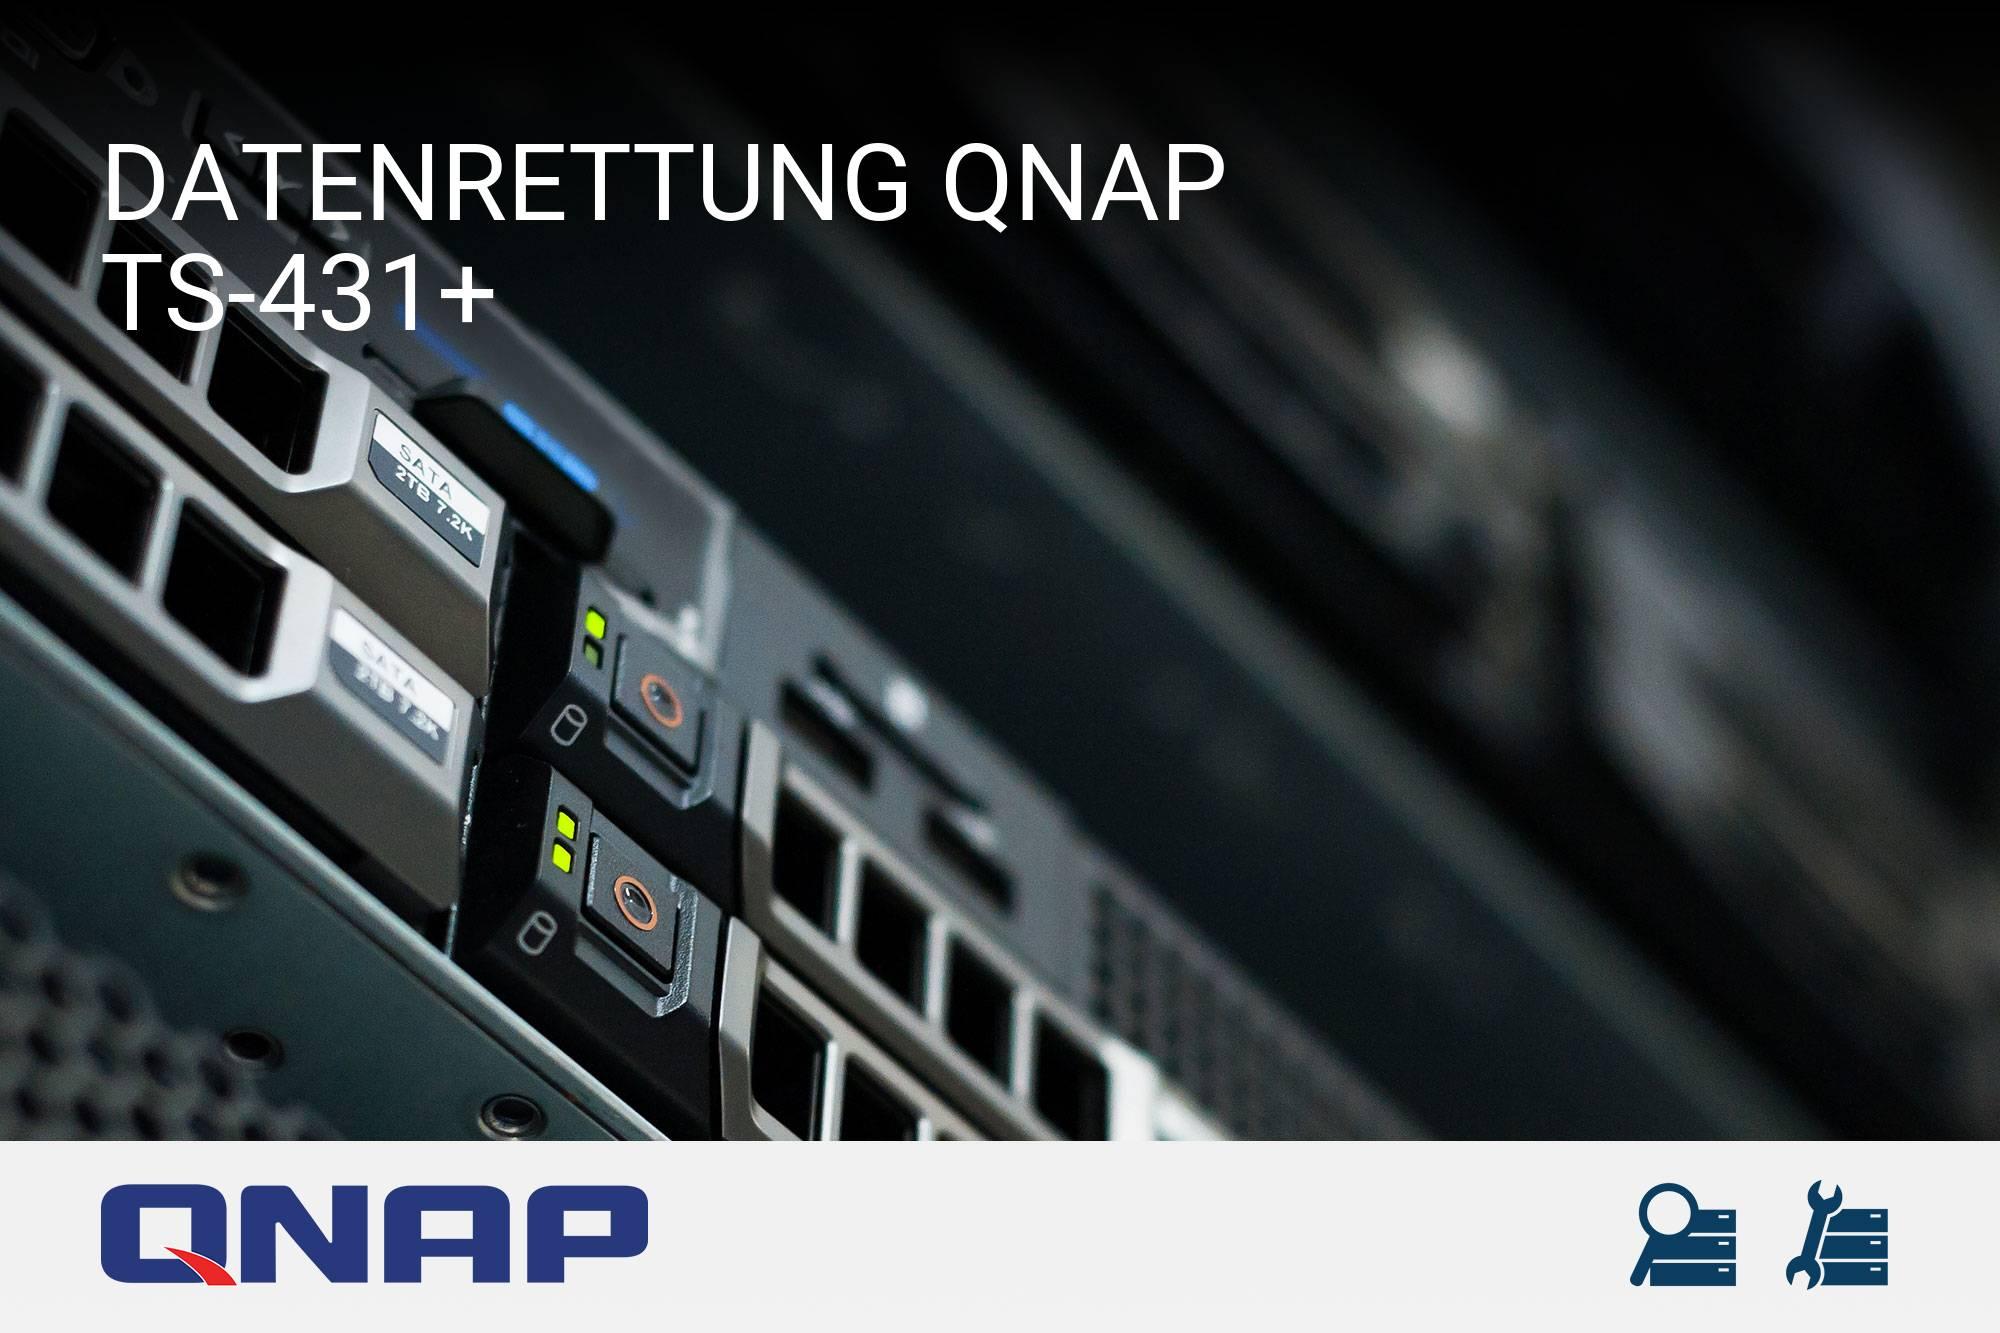 QNAP TS-431+